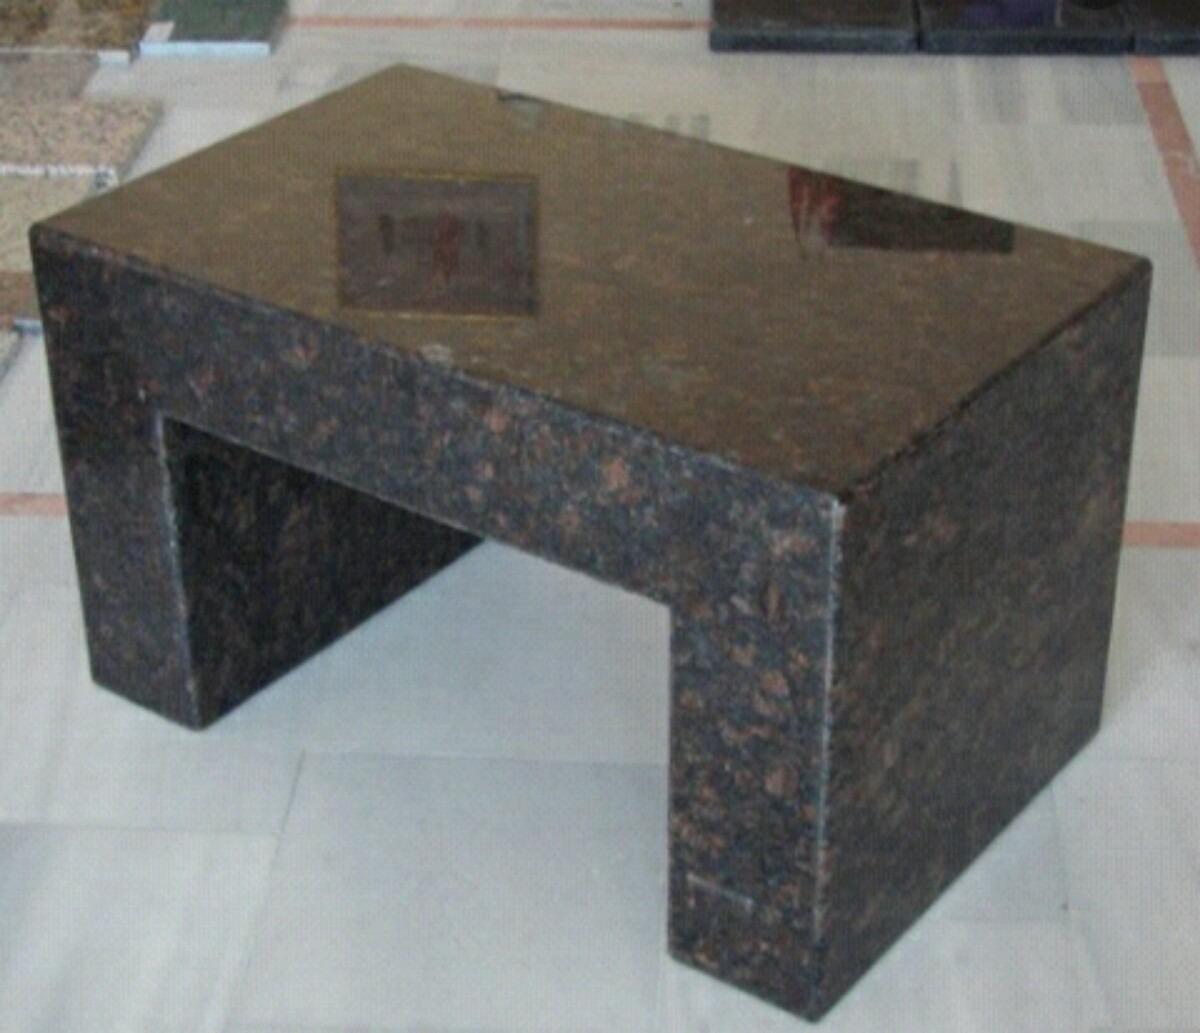 M rmol granitos cuarzo blanco negros rojos s 79 00 en for Marmol granito colores